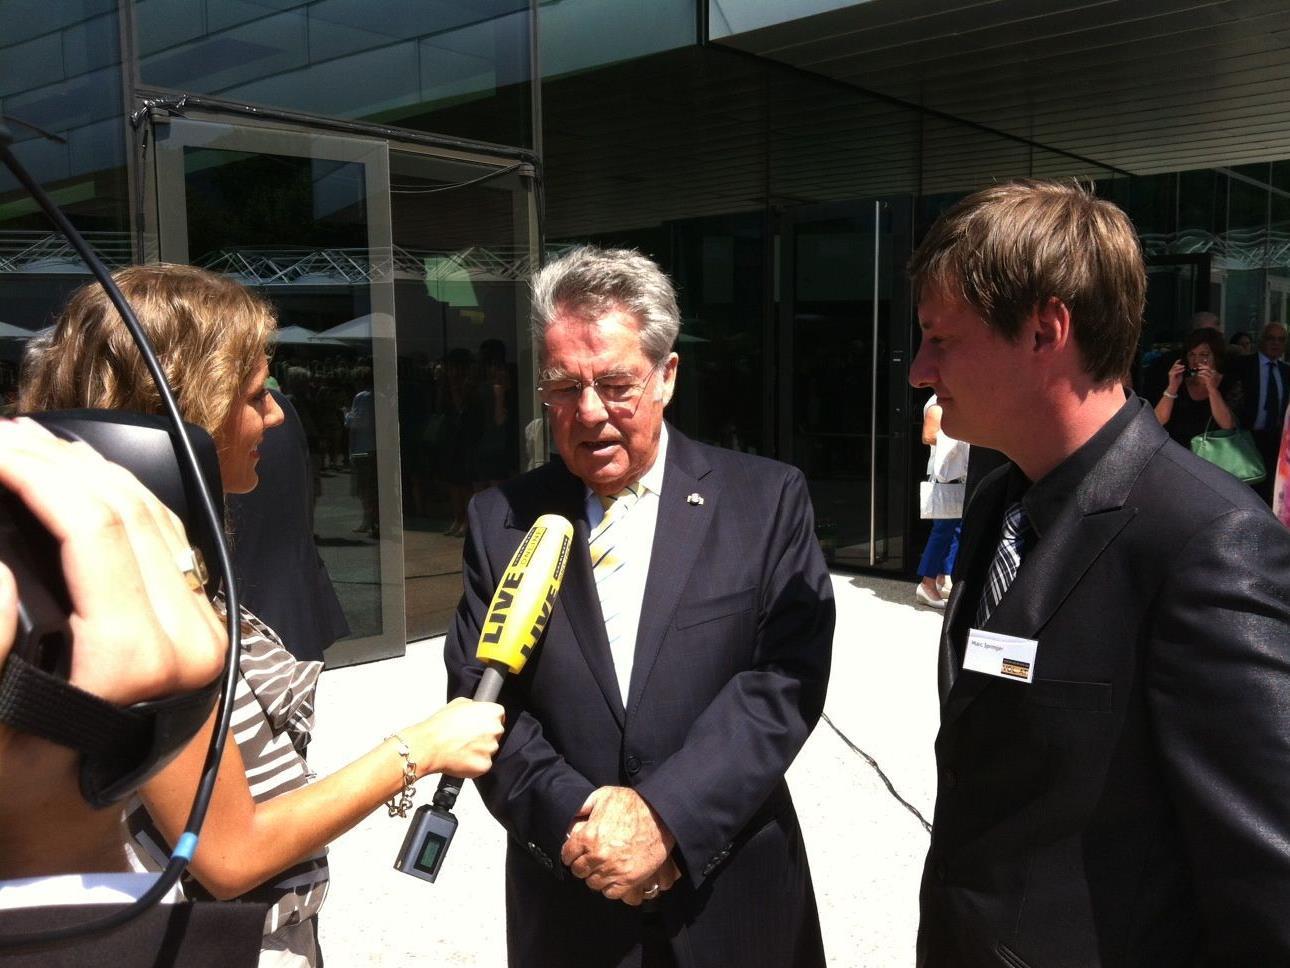 Bundespräsident Heinz Fischer im Interview mit VOL.AT.